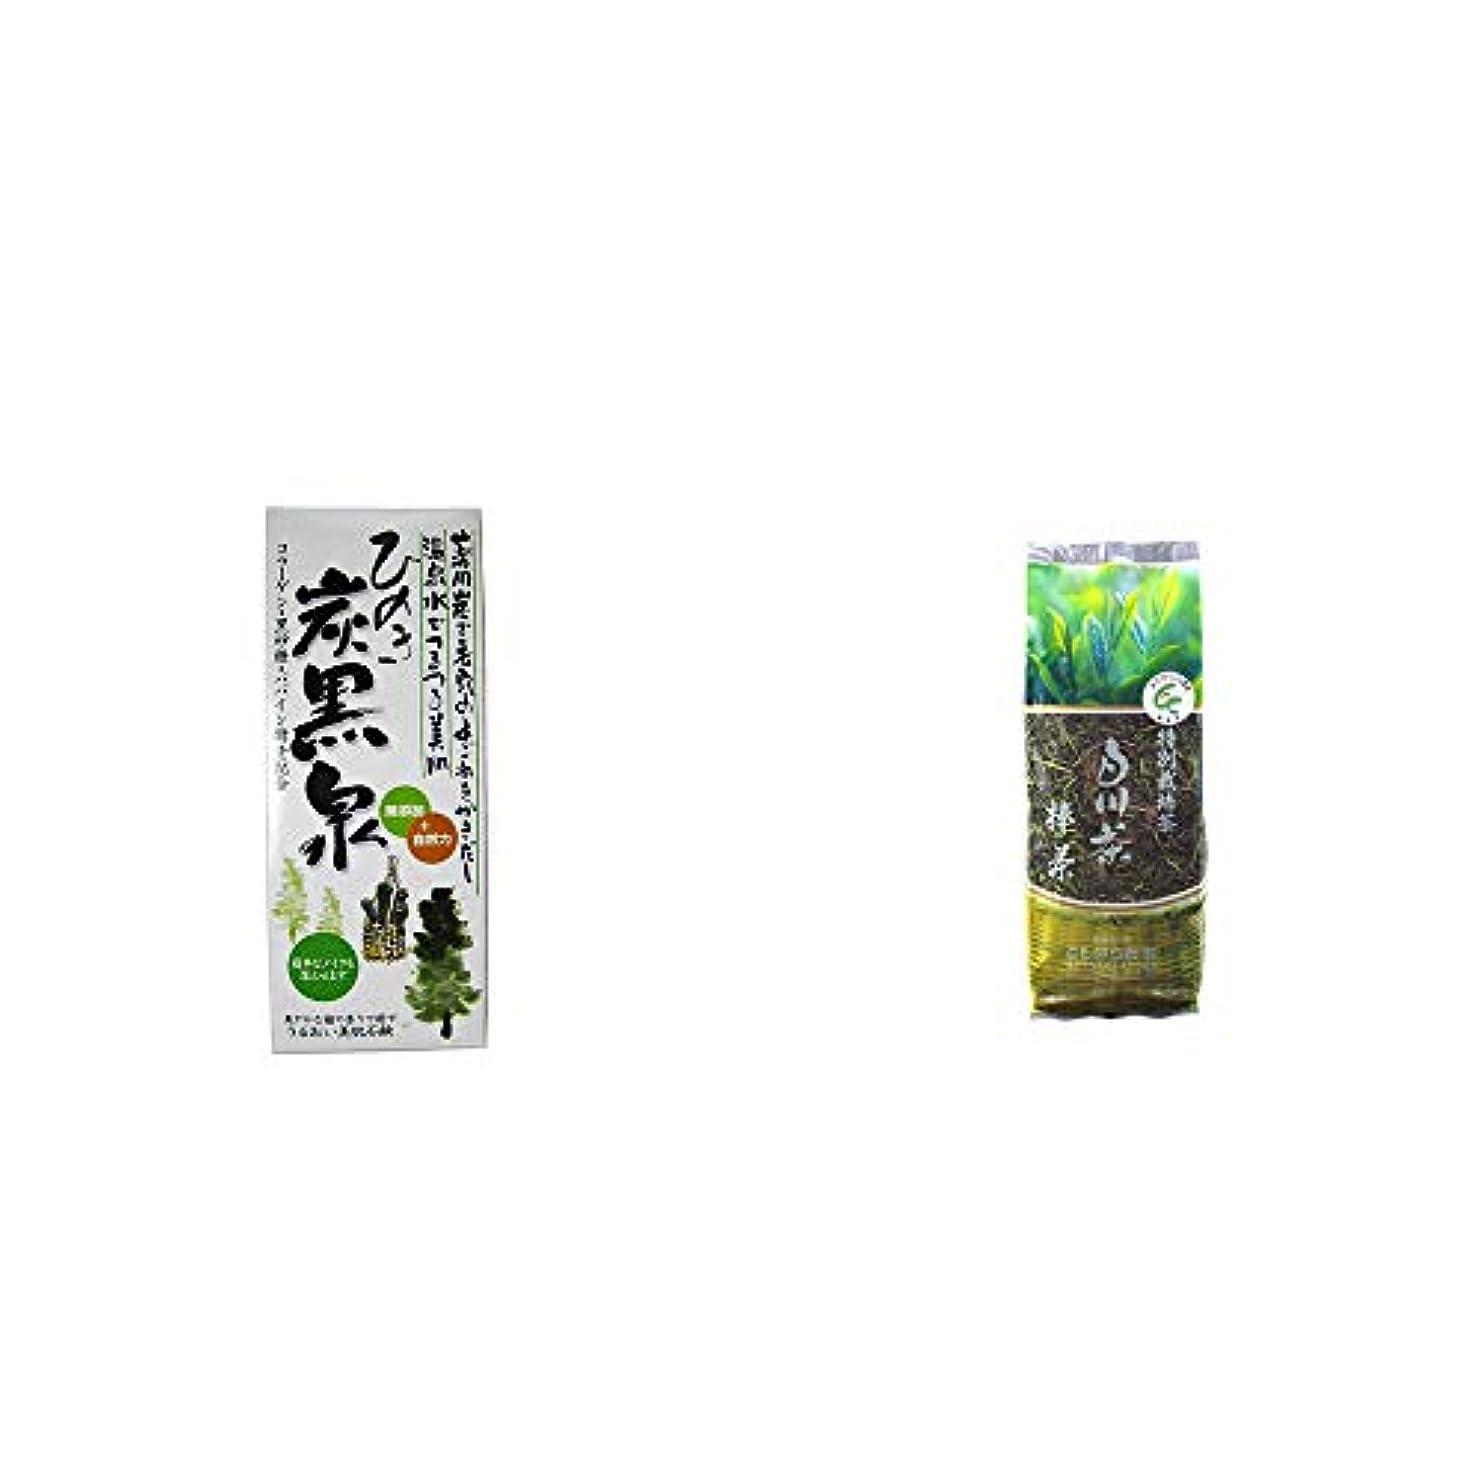 巻き戻す常に木[2点セット] ひのき炭黒泉 箱入り(75g×3)?白川茶 特別栽培茶【棒茶】(150g)